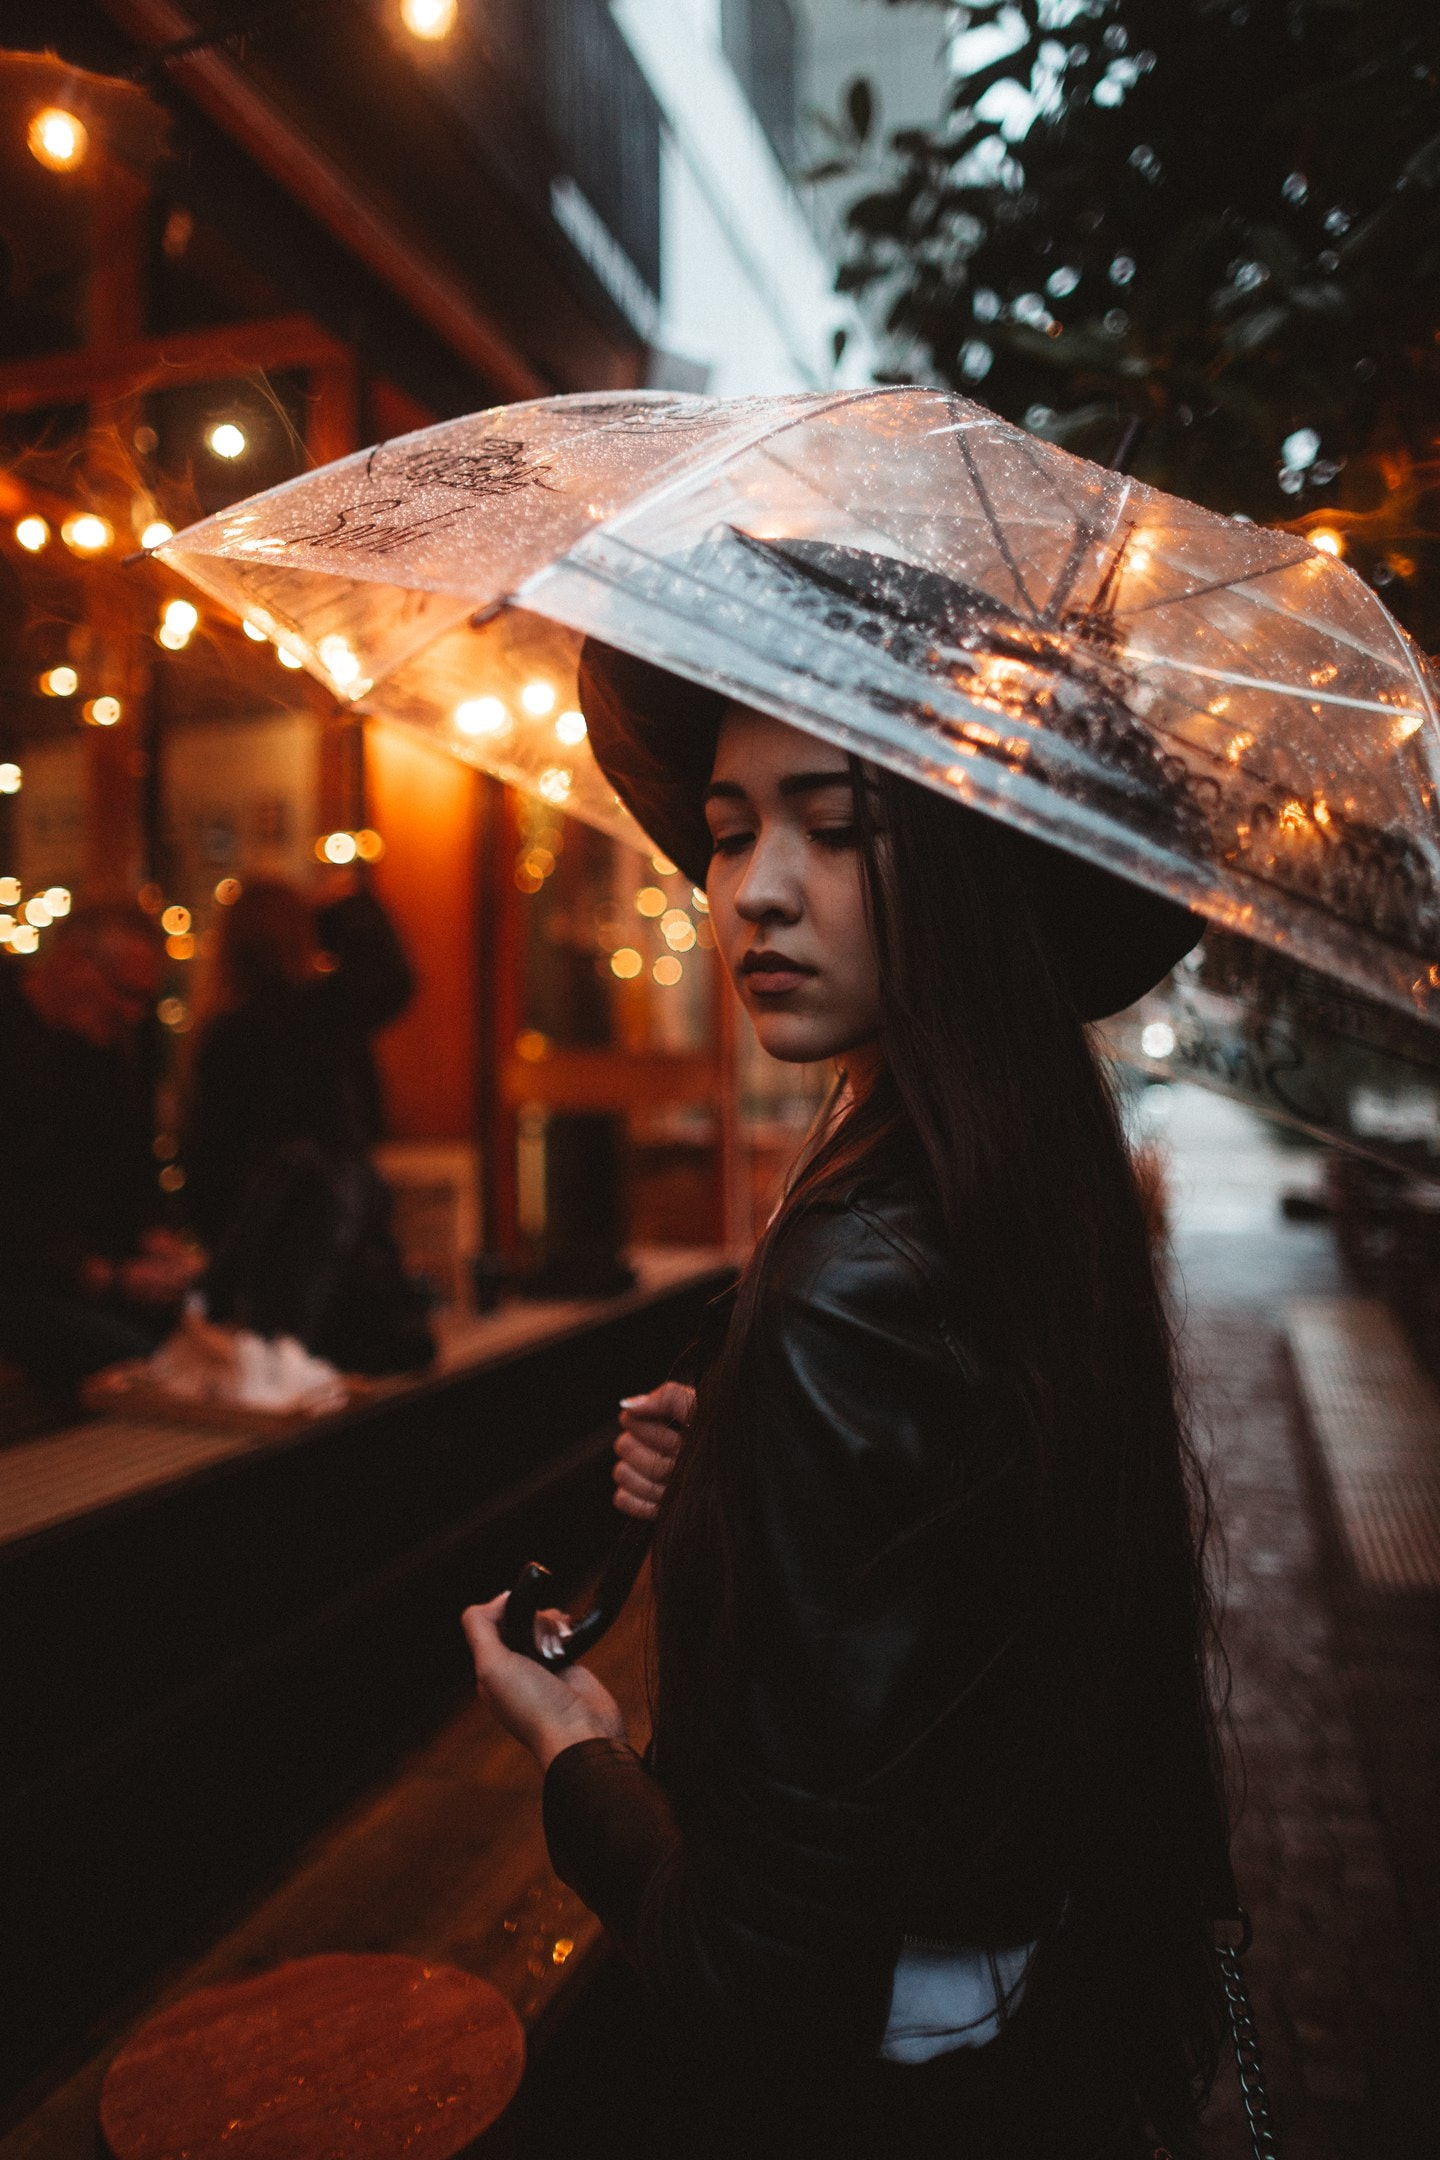 woman wearing black jacket using umbrella